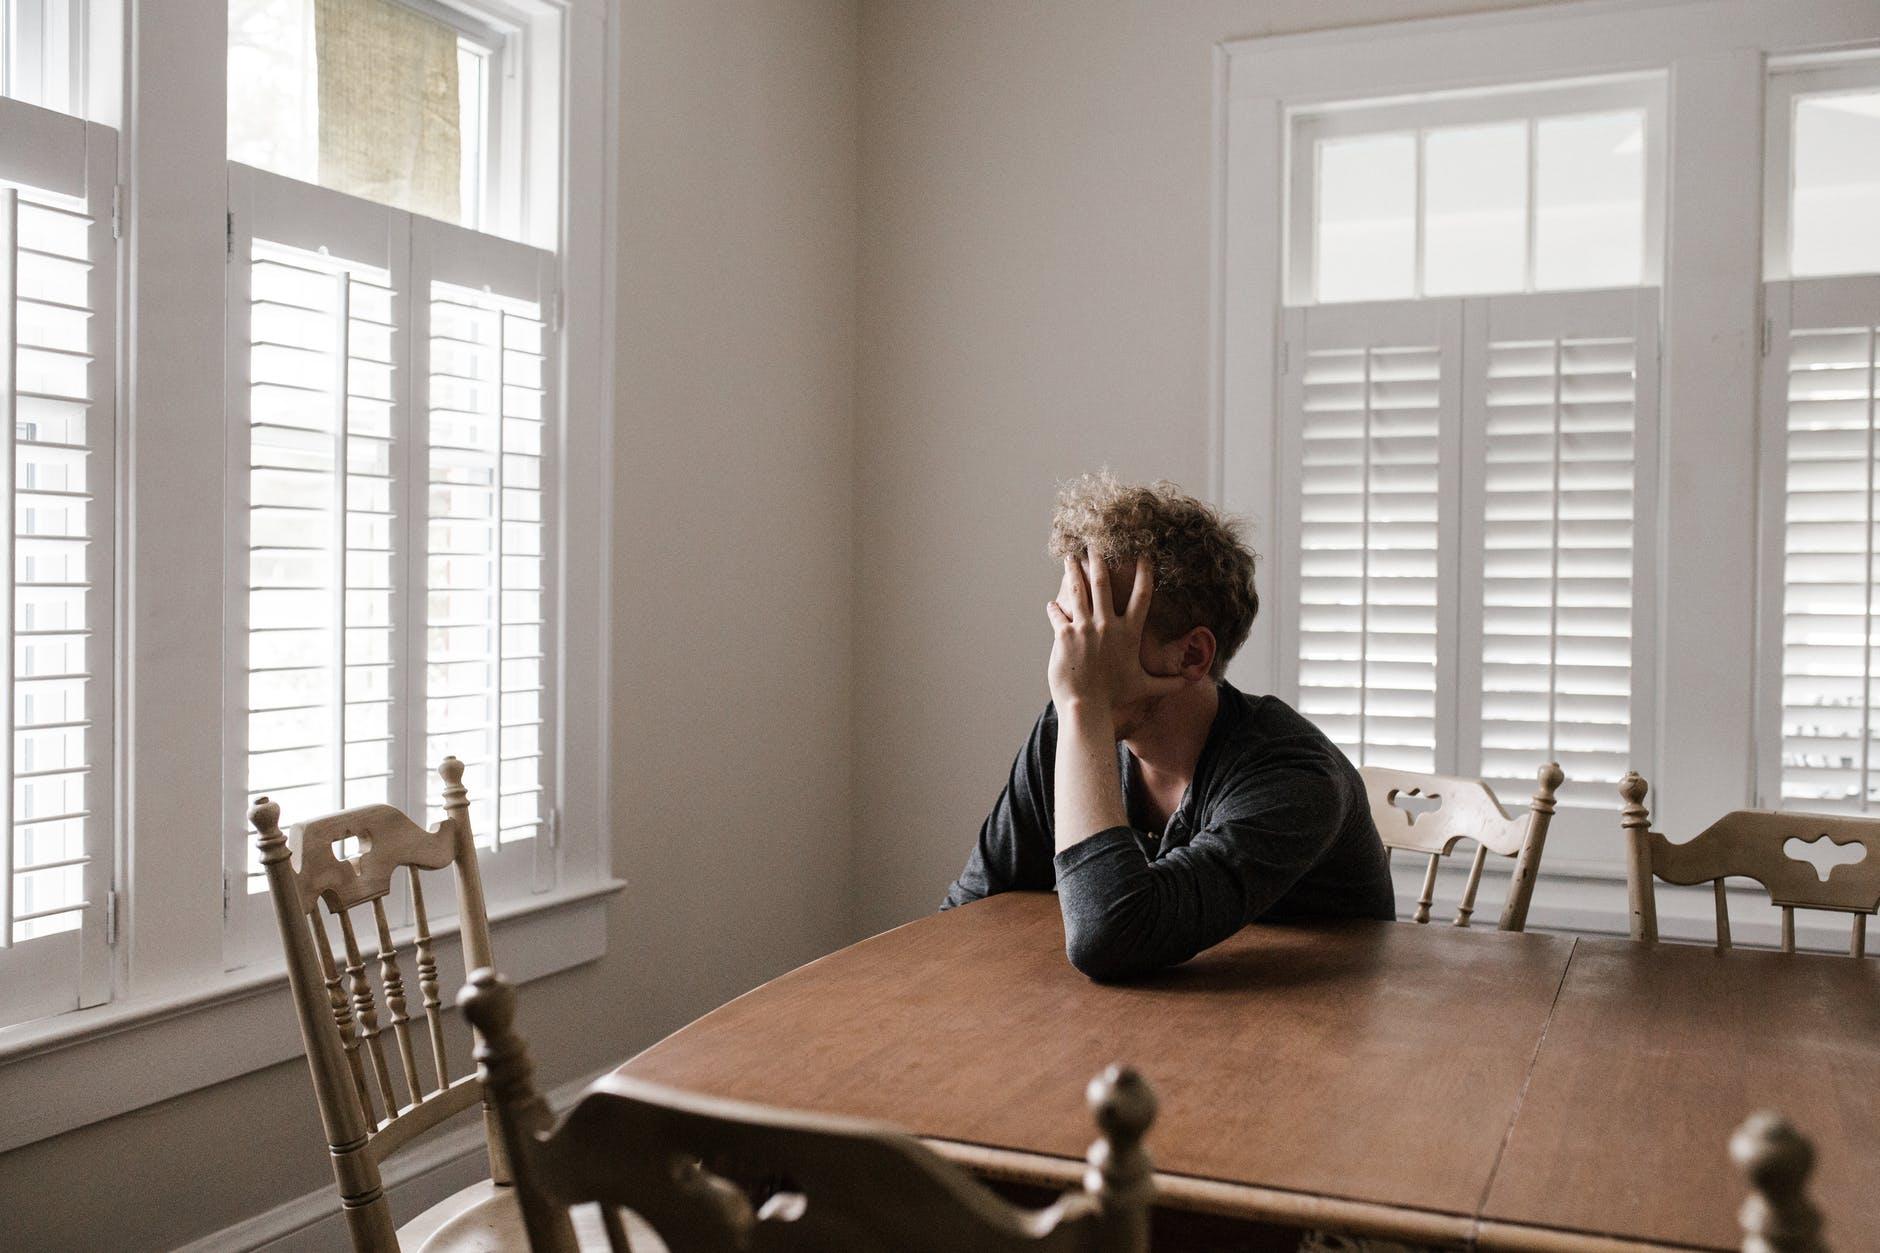 Hoe dodelijk gevaarlijk is eenzaamheid?